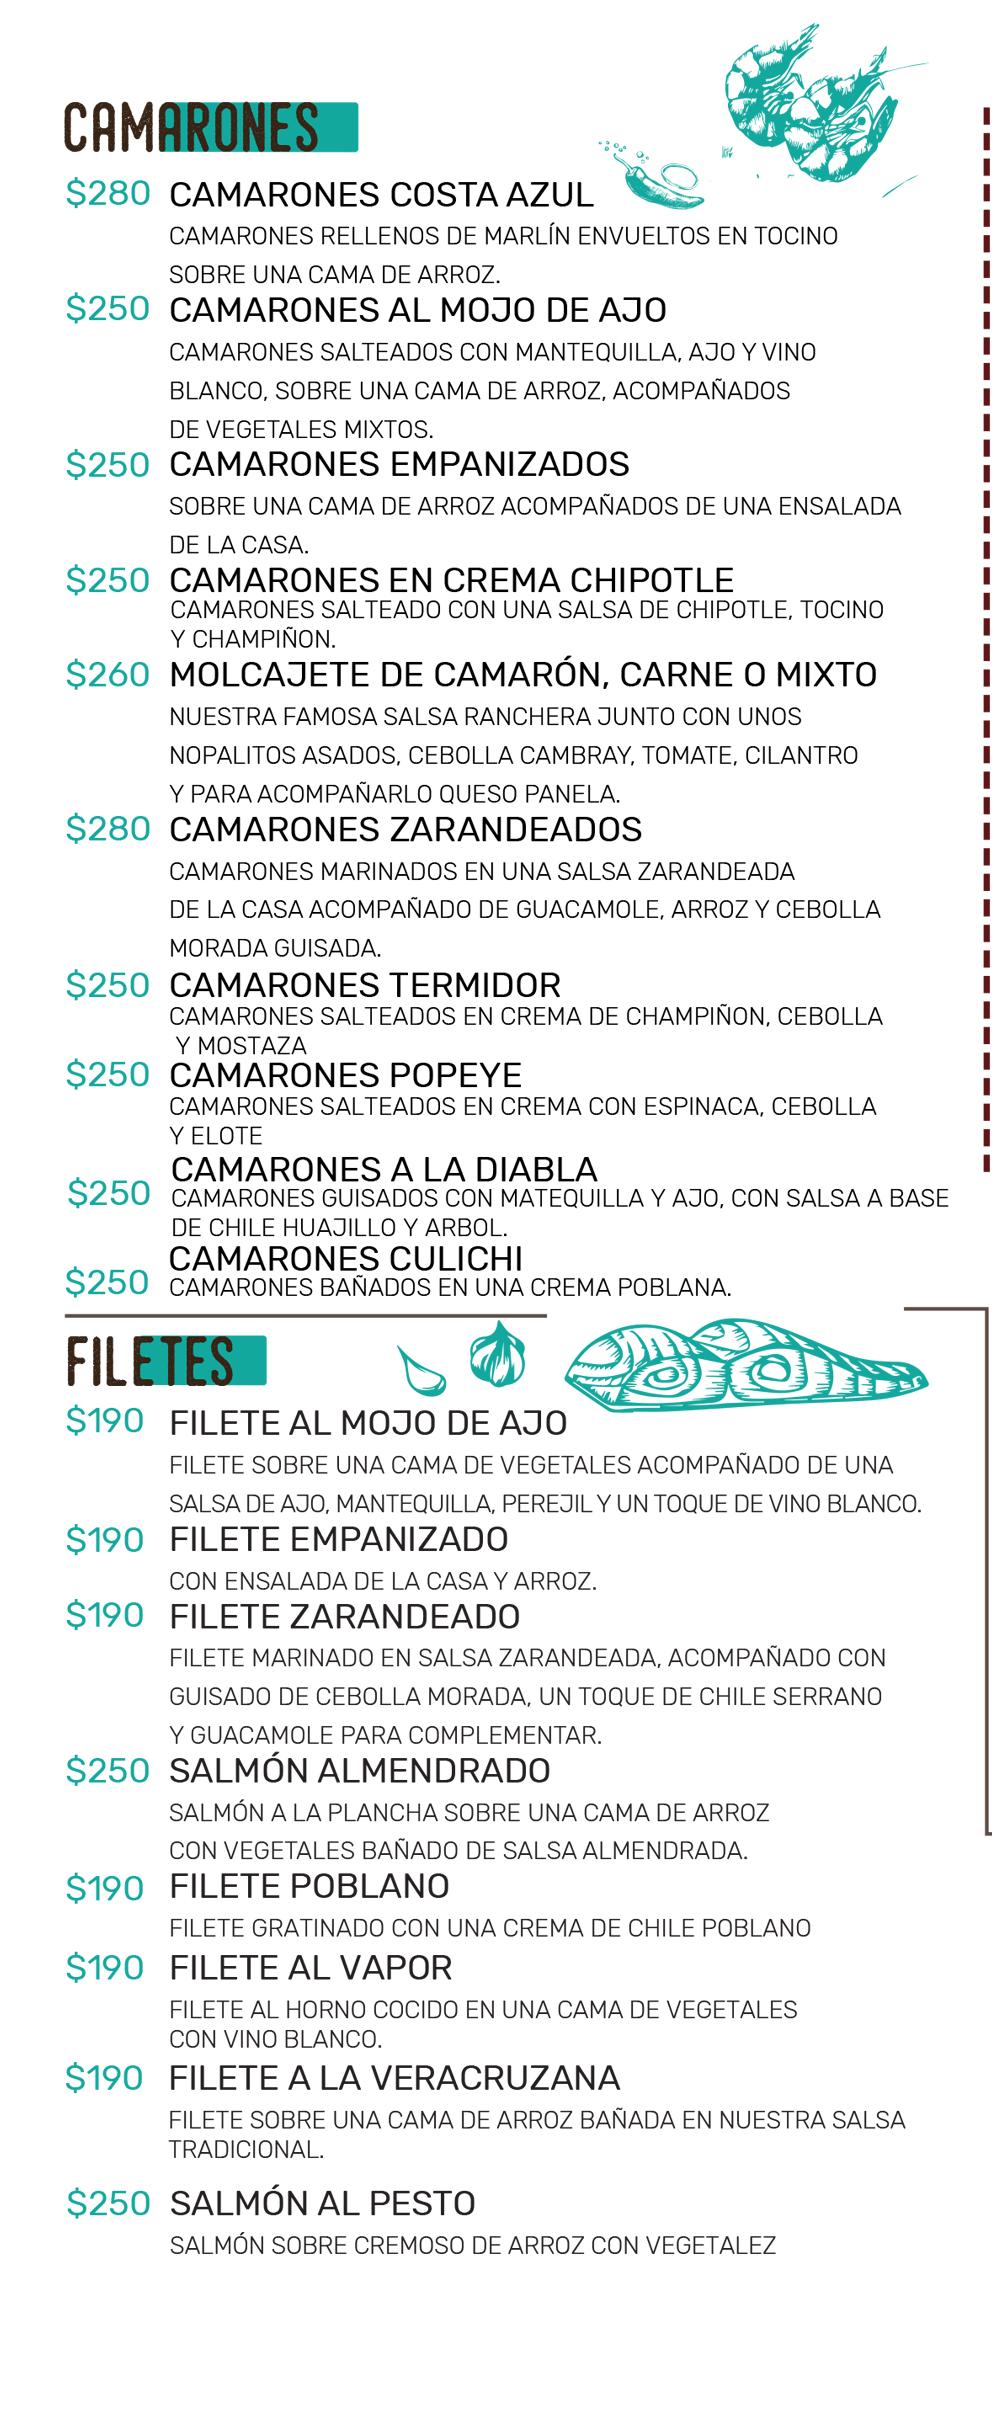 mariscos titos restaurantes menu camarones